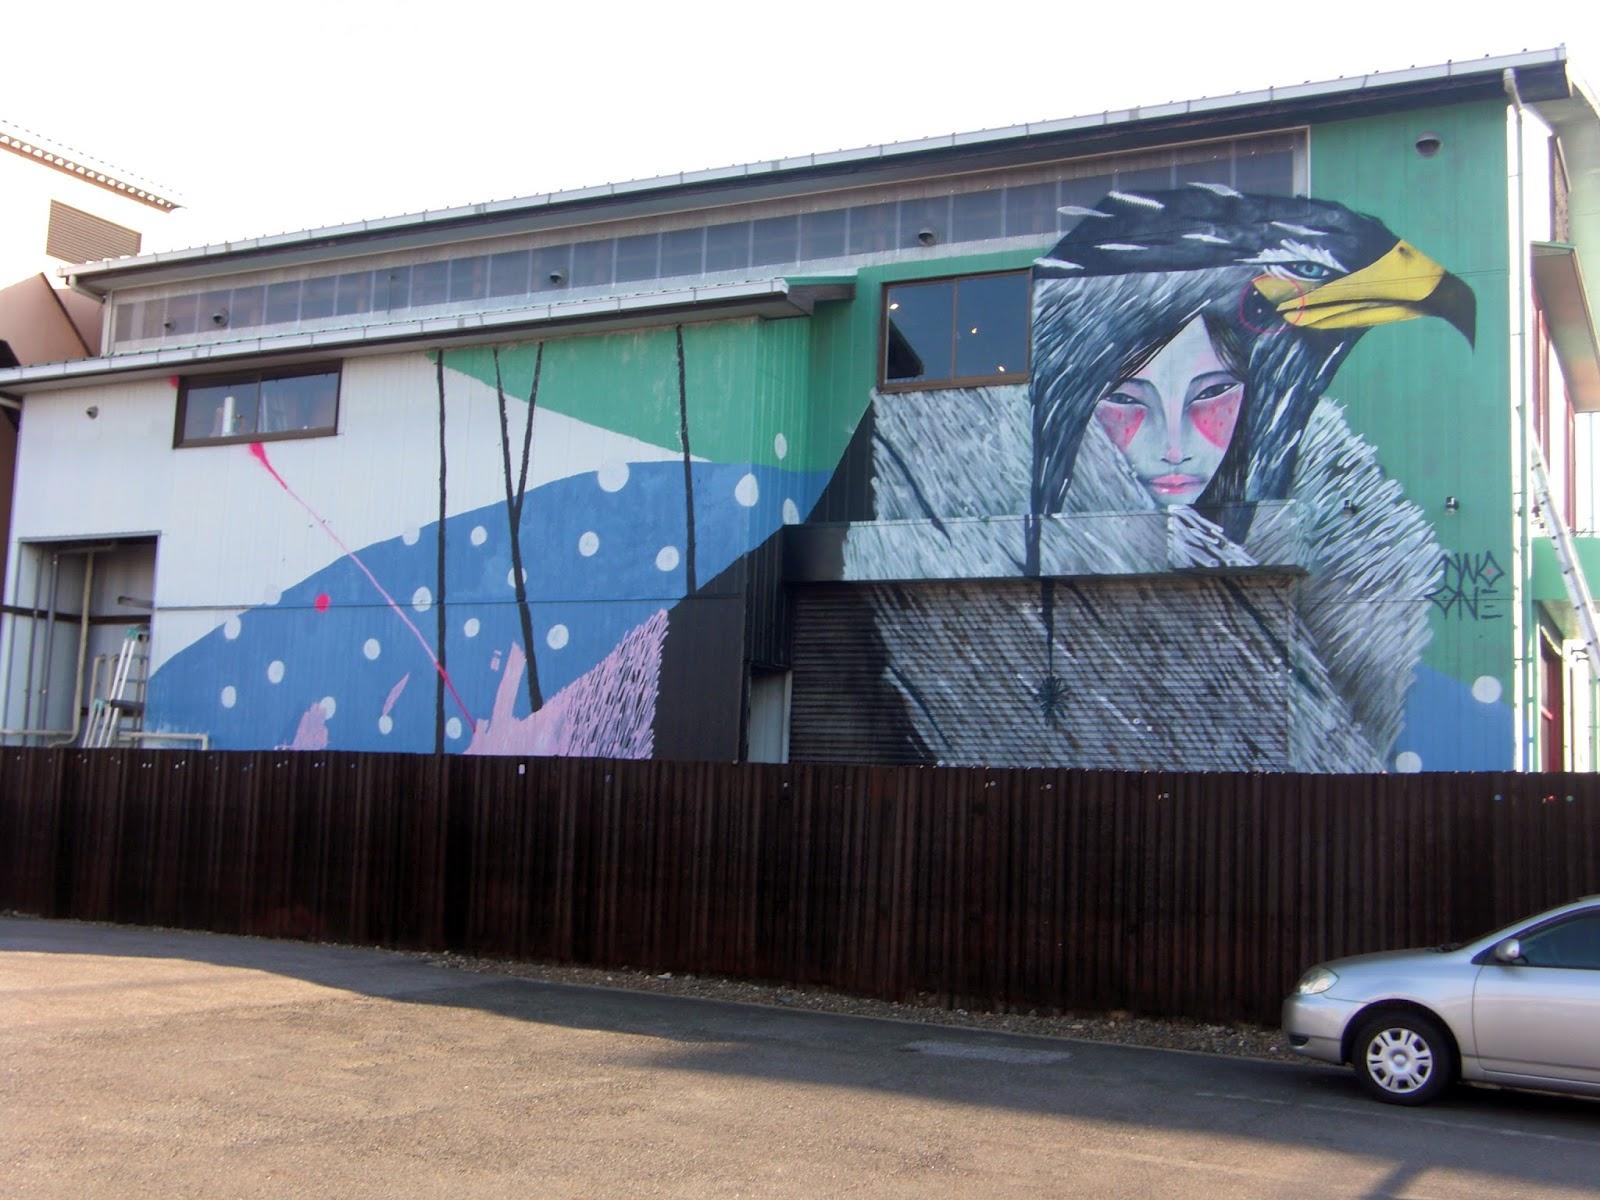 twoone-a-series-of-murals-in-nagoya-japan-04